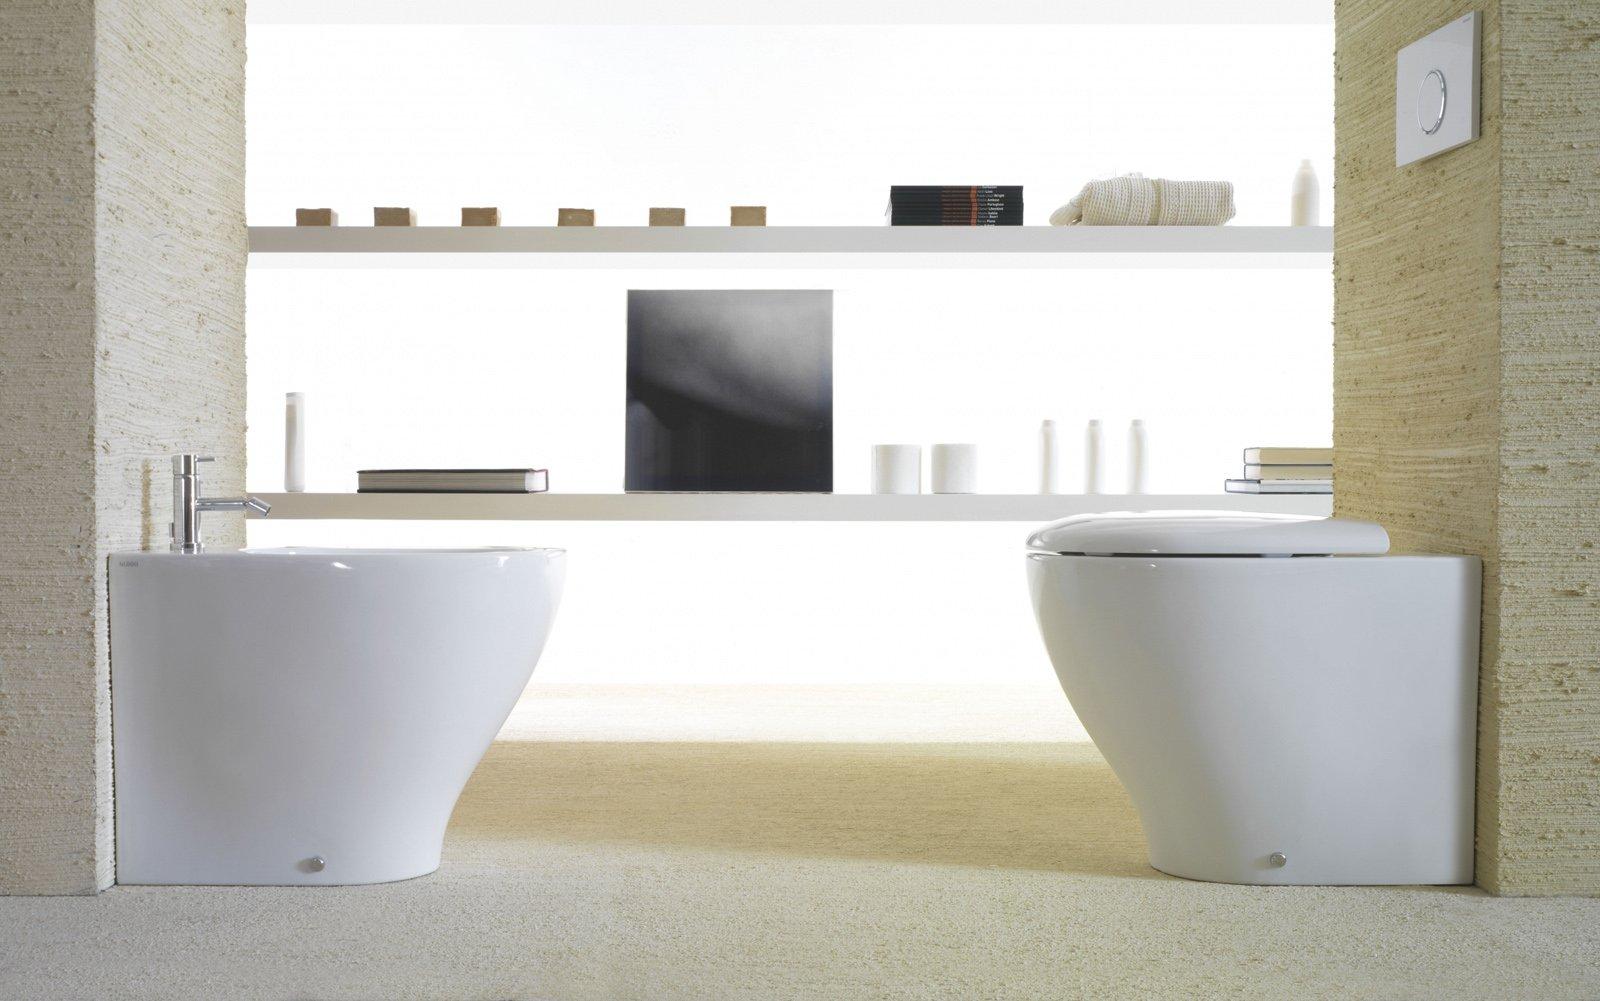 Bagni Moderni Globo : Sanitari ceramica per vasi e bidet cose di casa